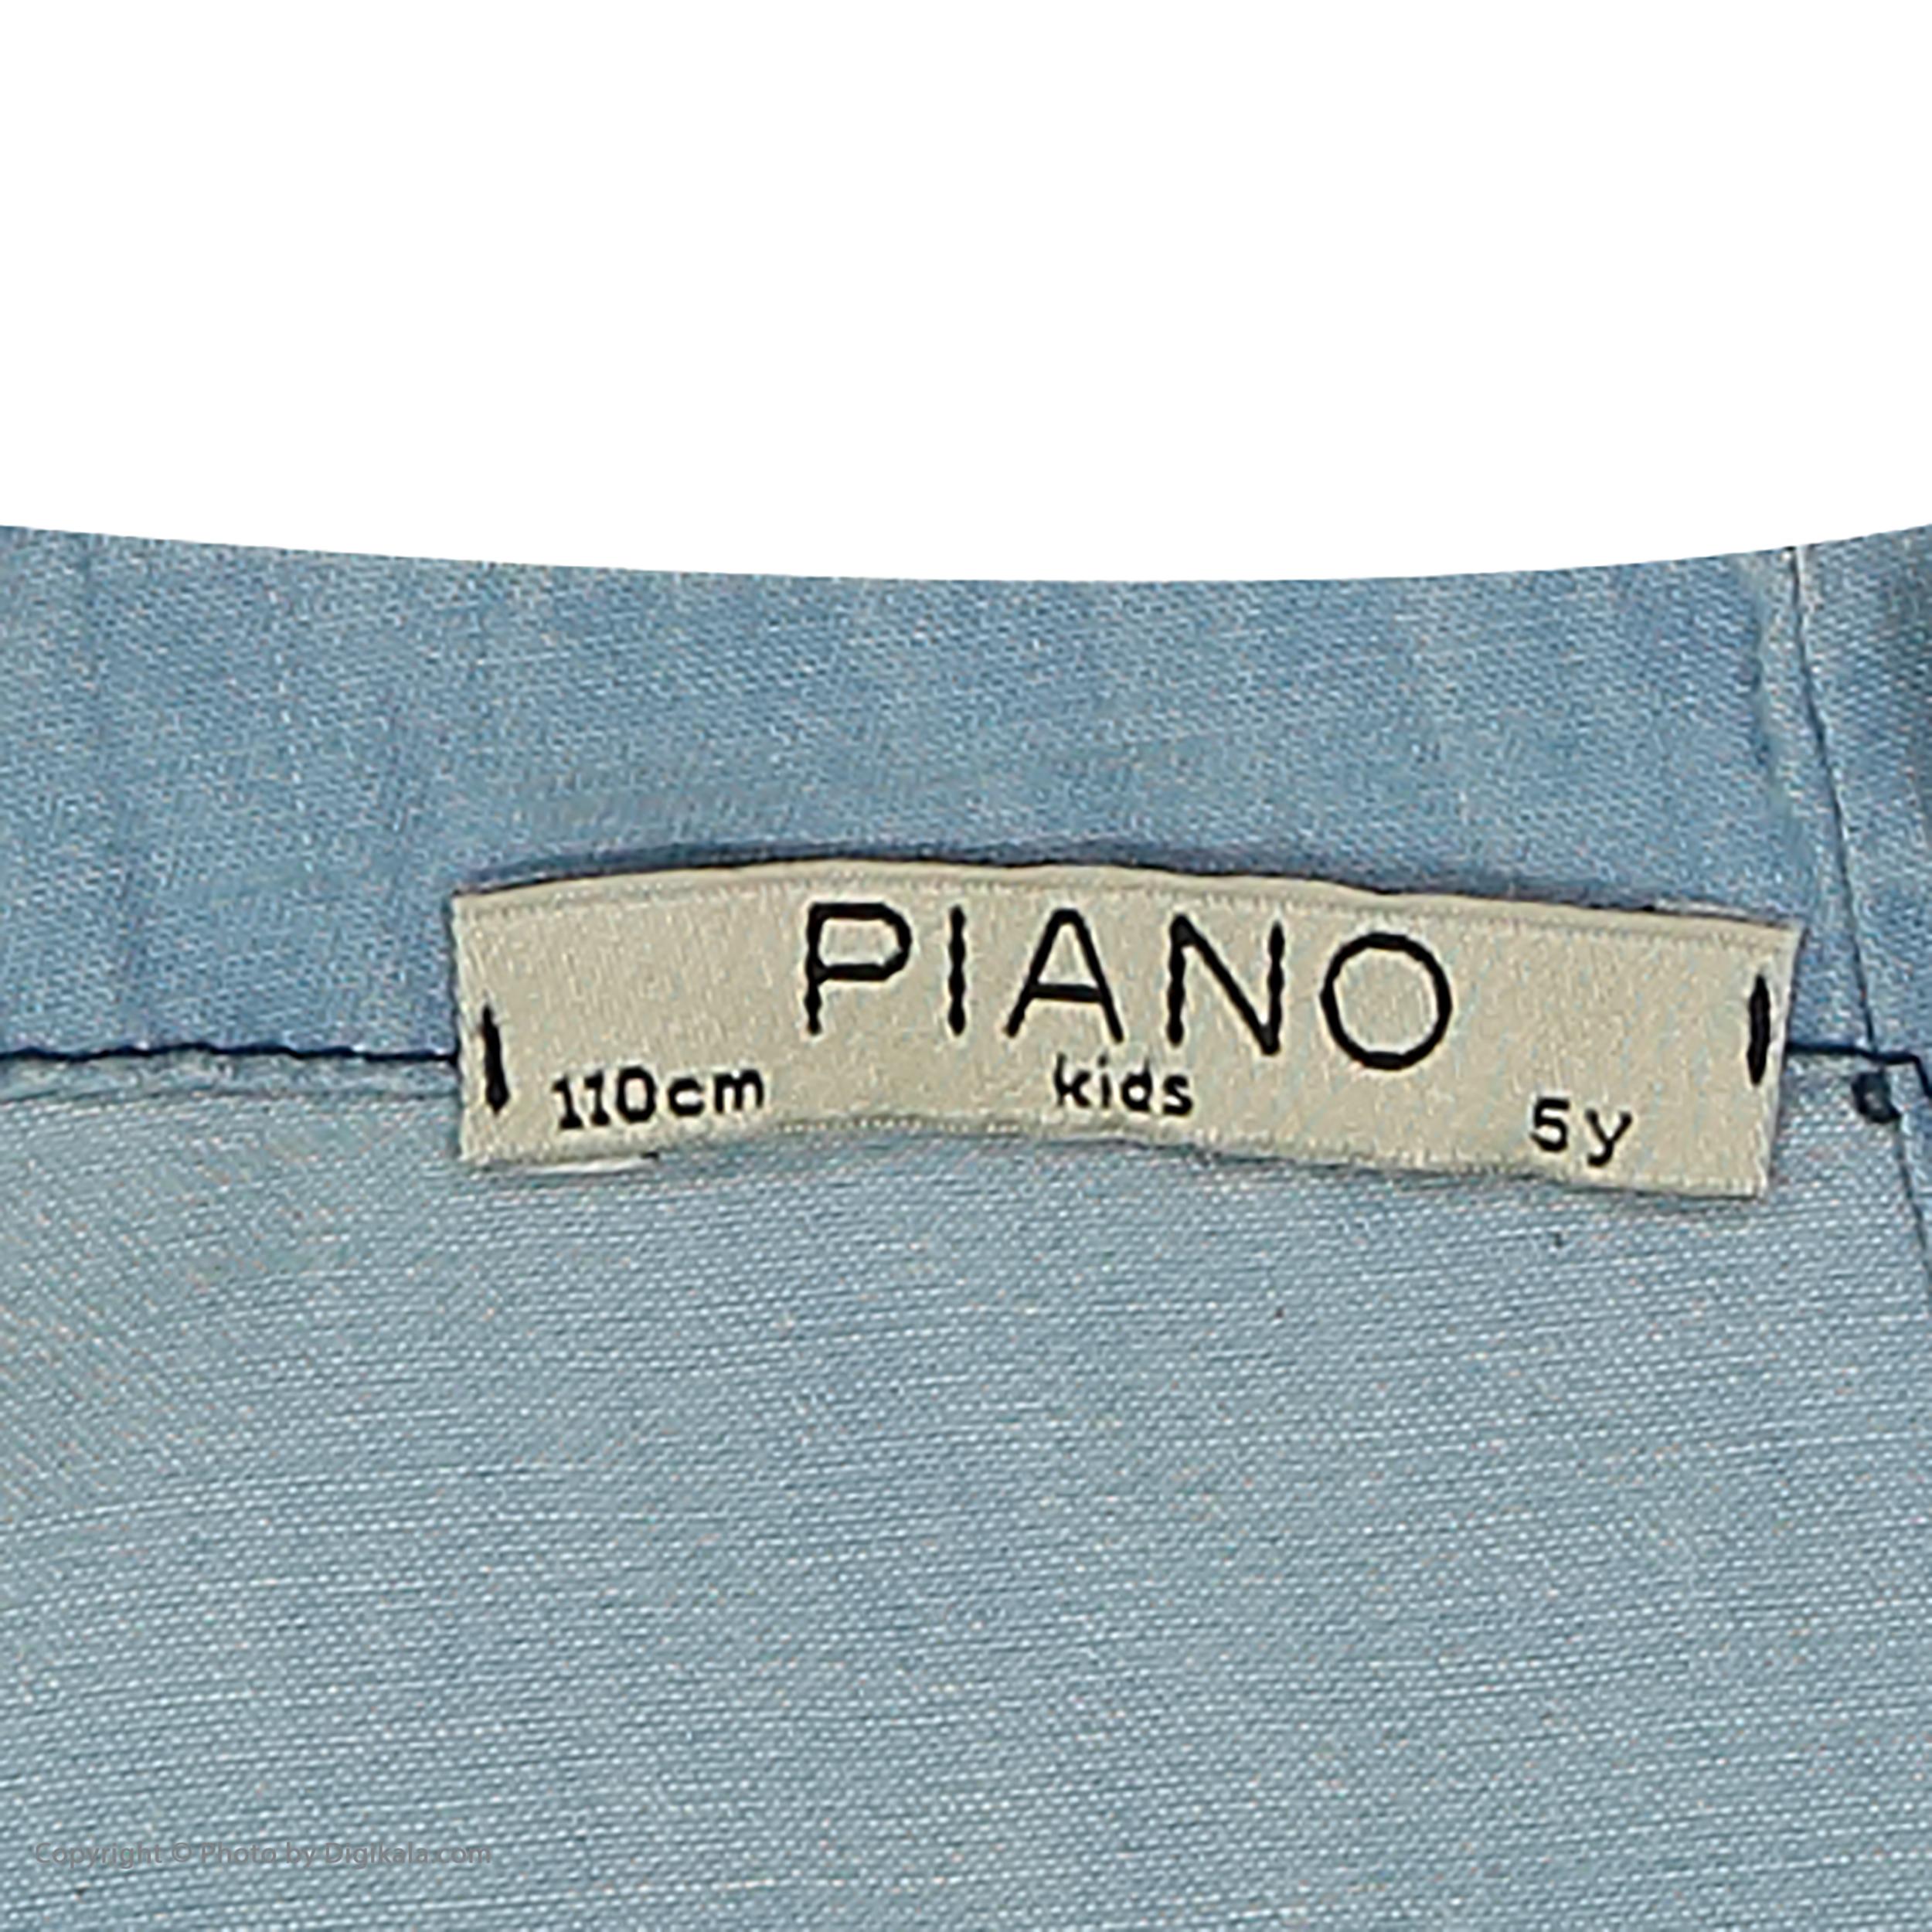 سرهمی دخترانه پیانو مدل 05817-58